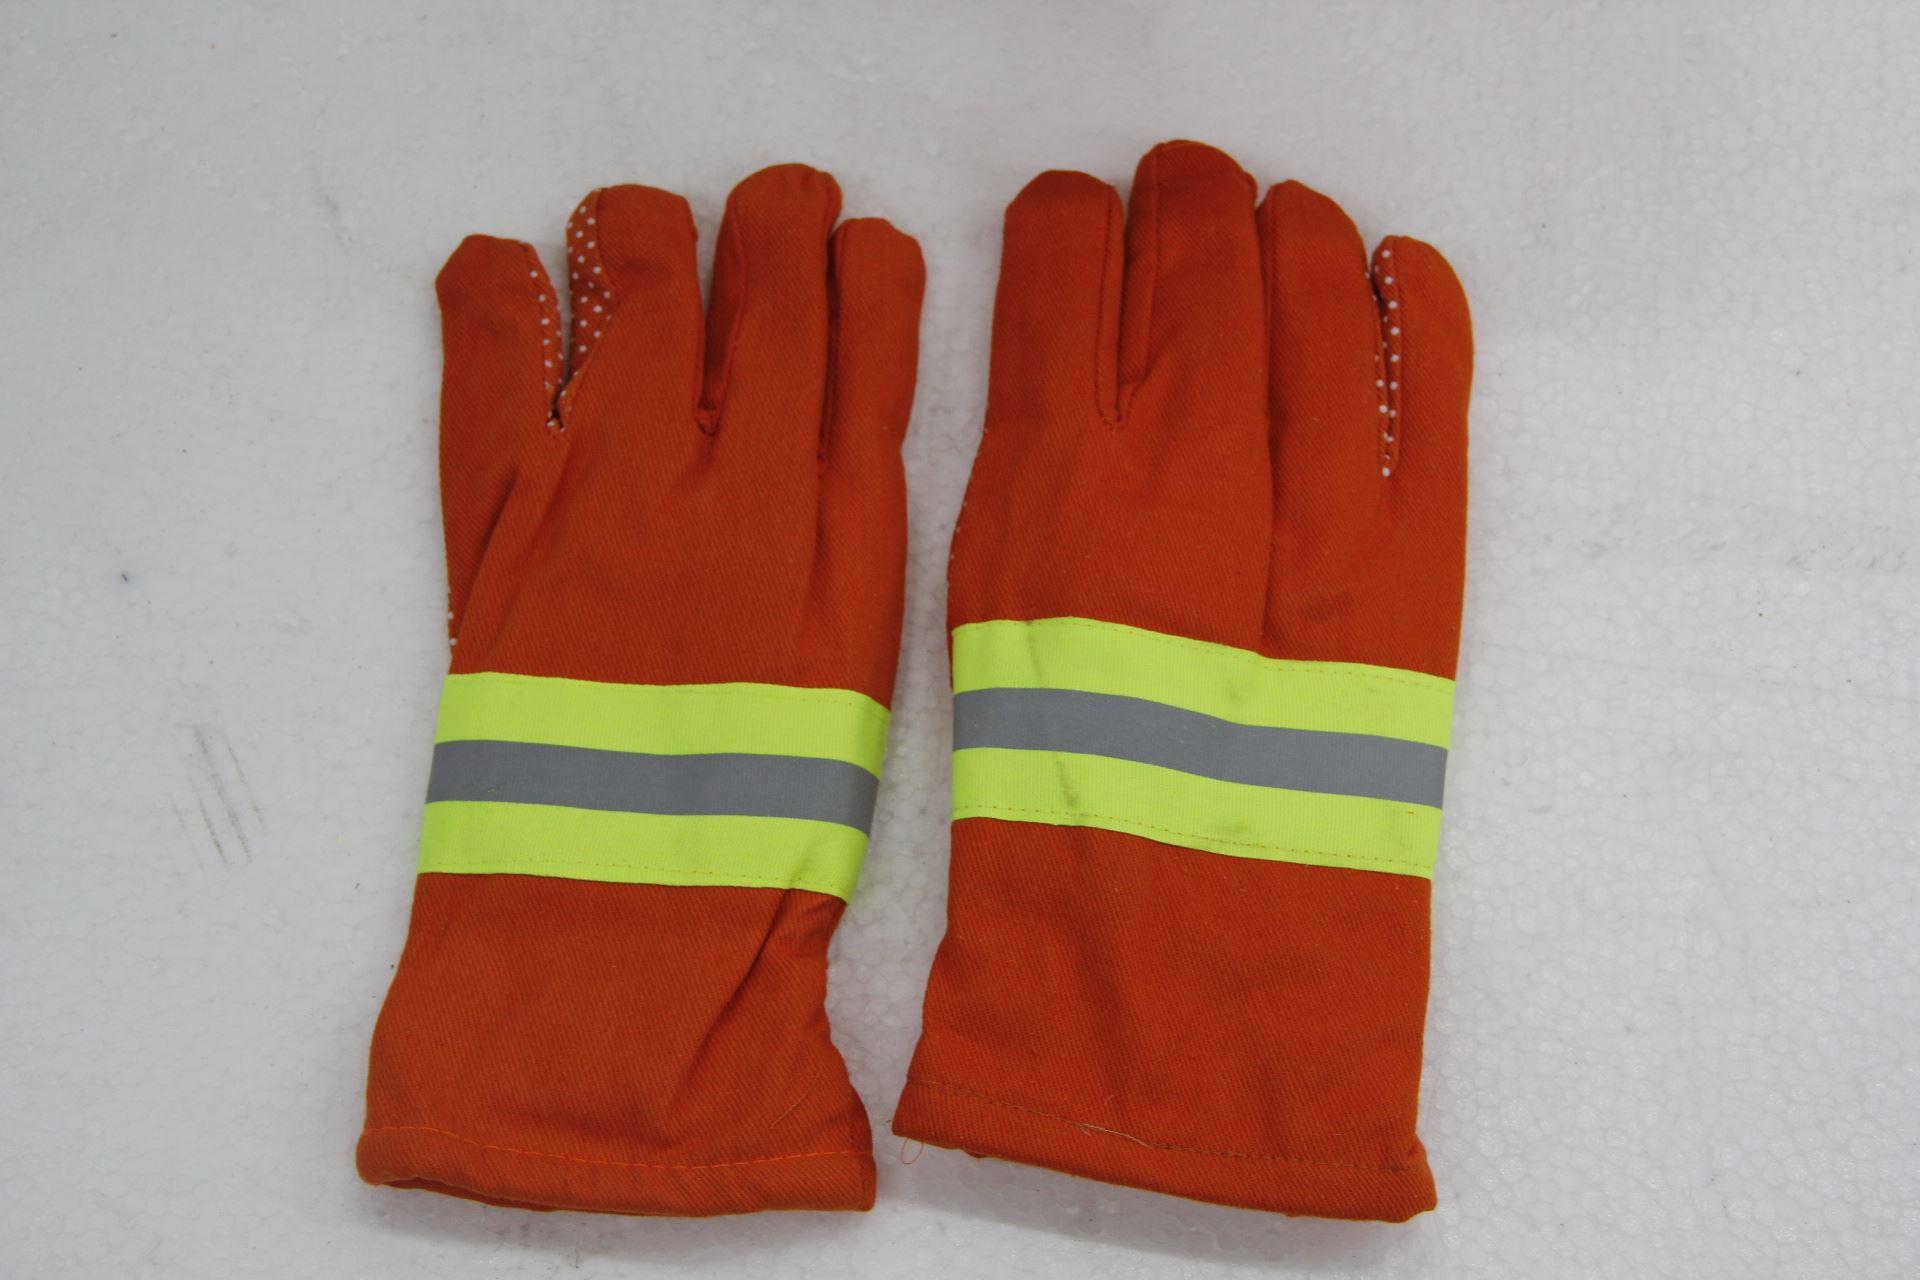 消防手套,97式消防专用手套,隔热手套,防火手套 防滑手套